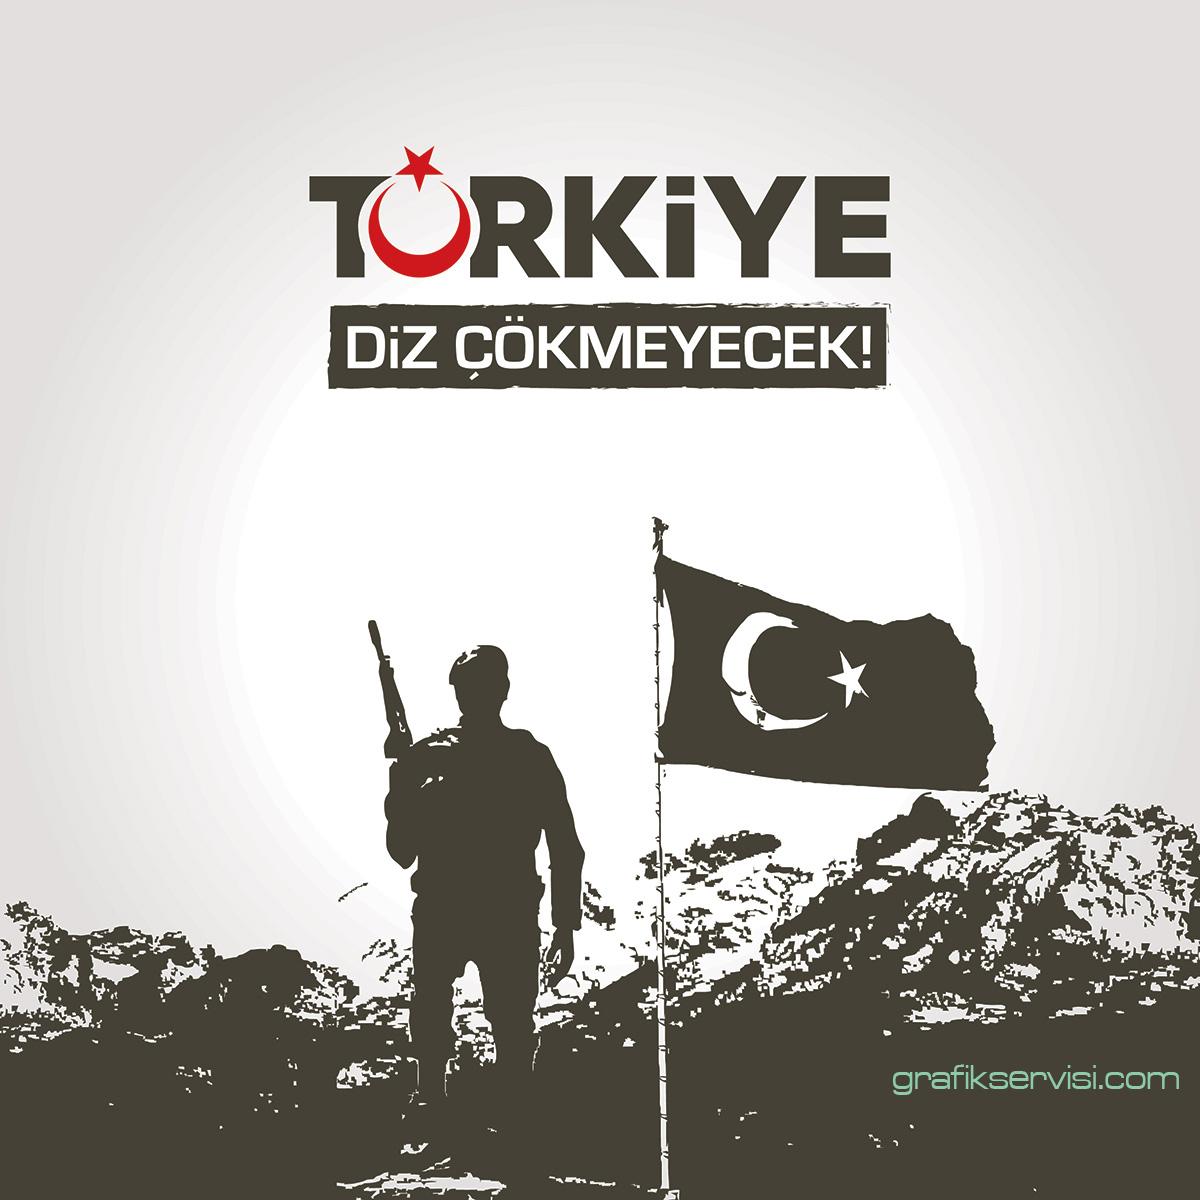 turkiye_diz_cokmeyecek.jpg